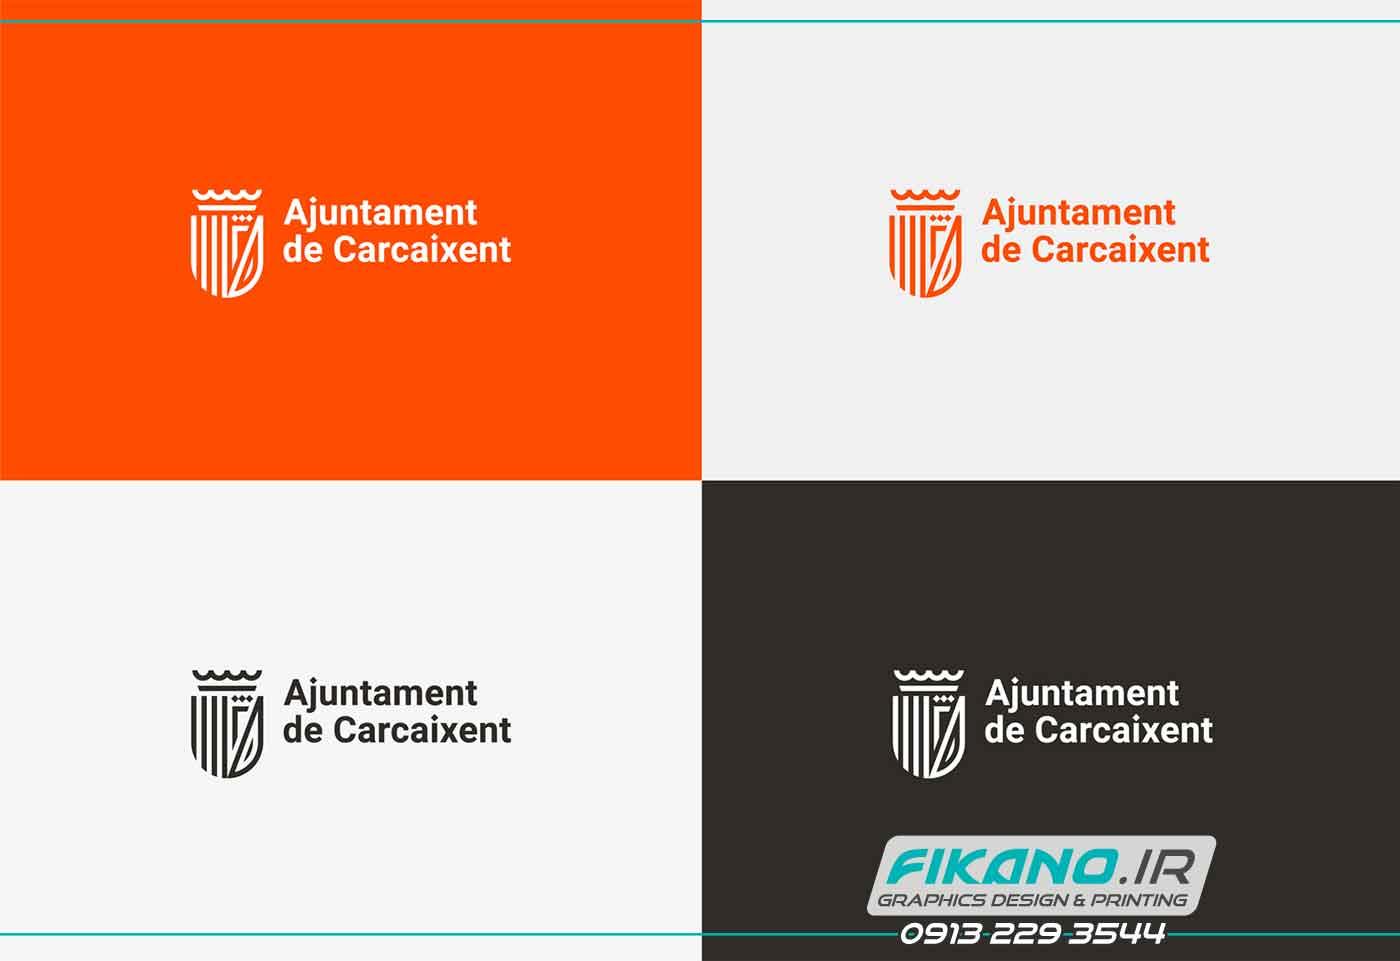 سفارش طراحی لوگو و طراحی هویت بصری - وب سایت فیکانو www.fikano.ir